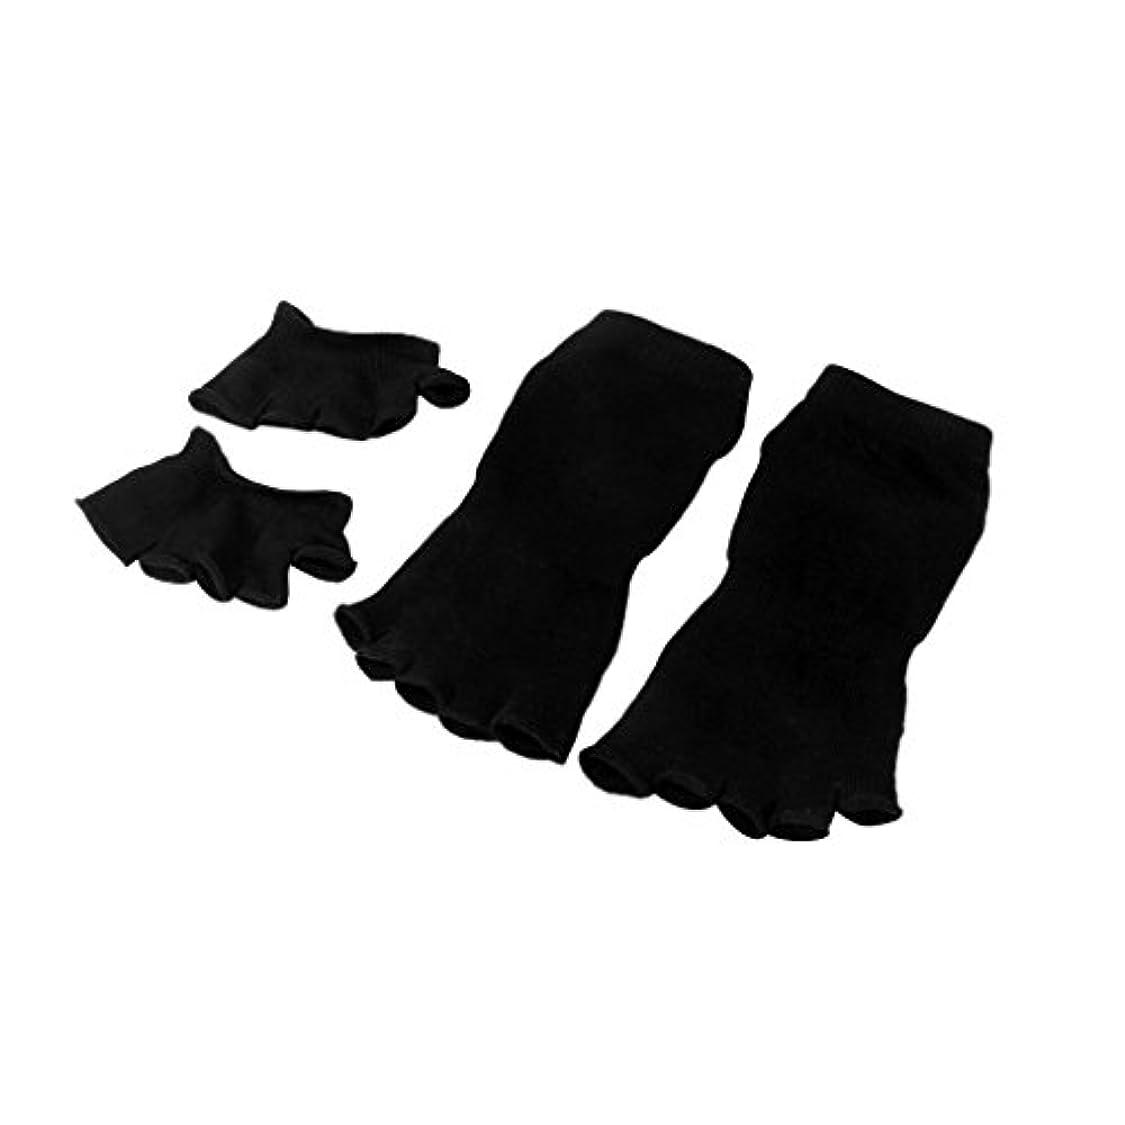 ある推測護衛【Footful】ソックス 靴下 5本指つま先ソックス+爽快指の間カバー 4枚組 黒